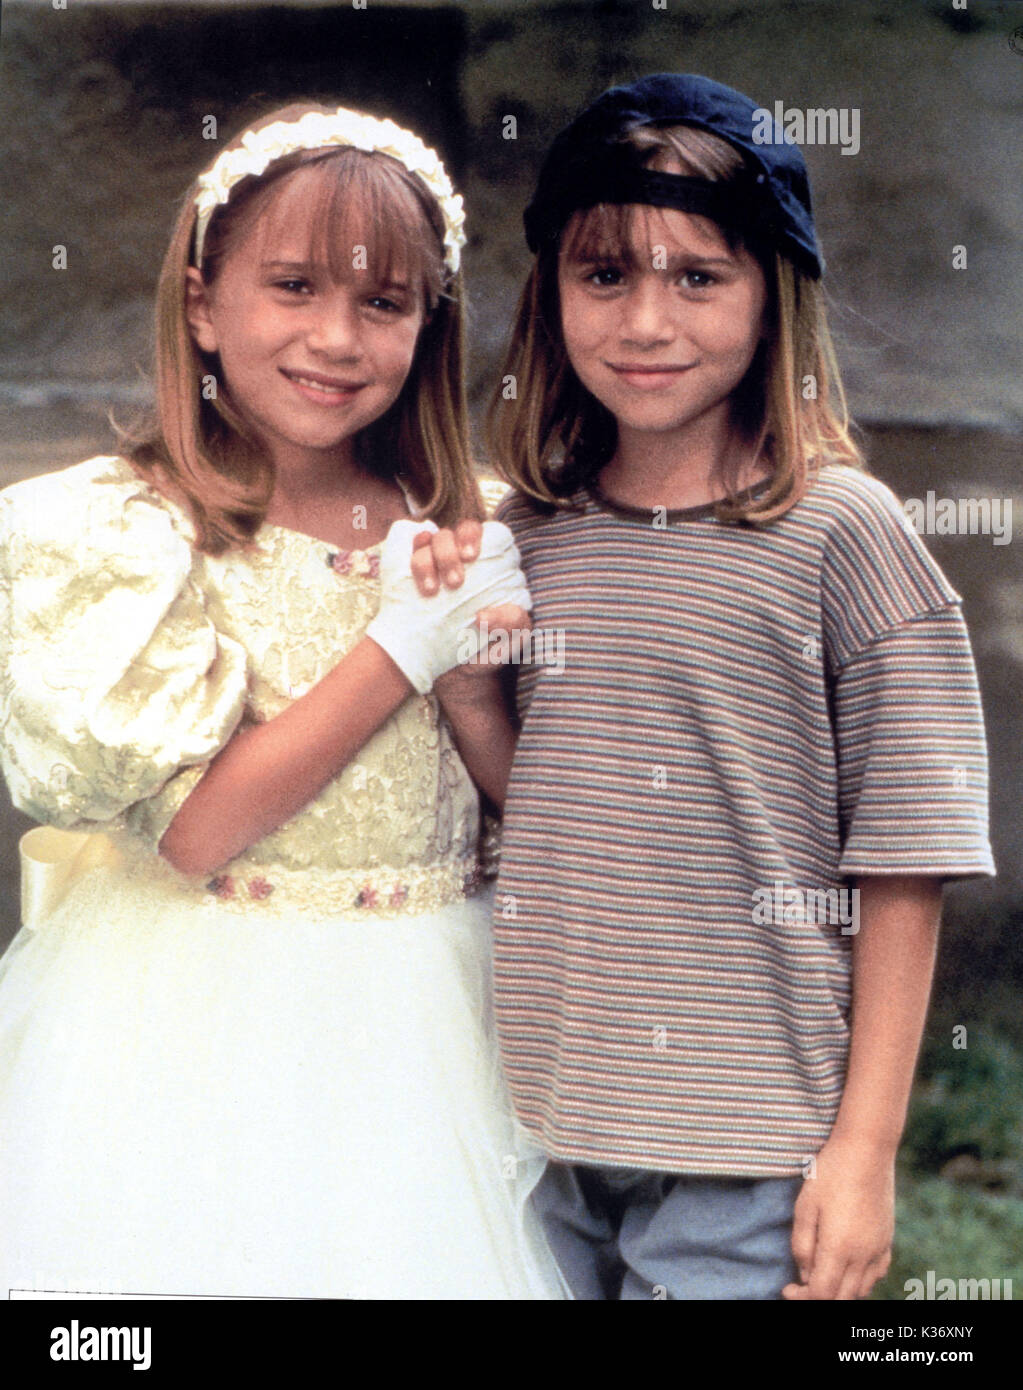 It Takes Two Mary Kate Olsen And Ashley Olsen